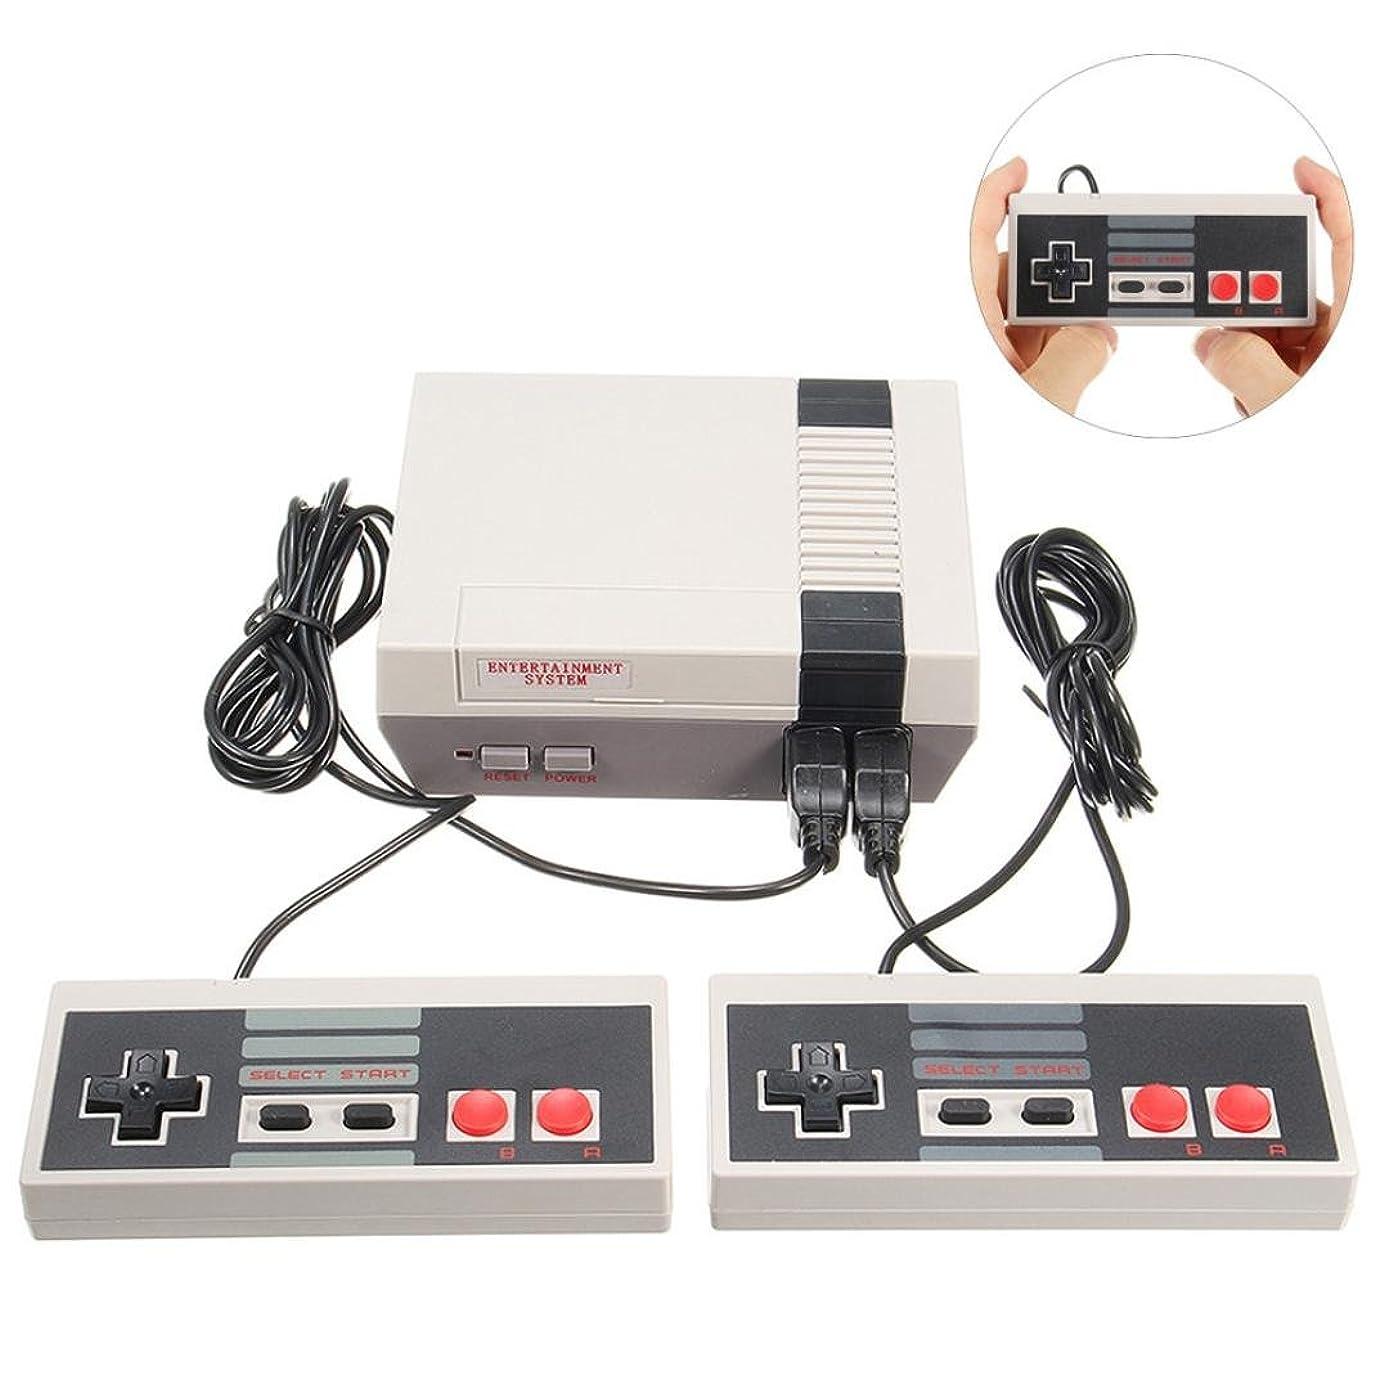 合成先検査620種ゲーム ゲーム機 バージョンアップ レトロ懐かしのFCゲーム機 任天堂NESのためのミニクラシック620ゲームコンソールエンターテインメントシステムw / 2ハンドル